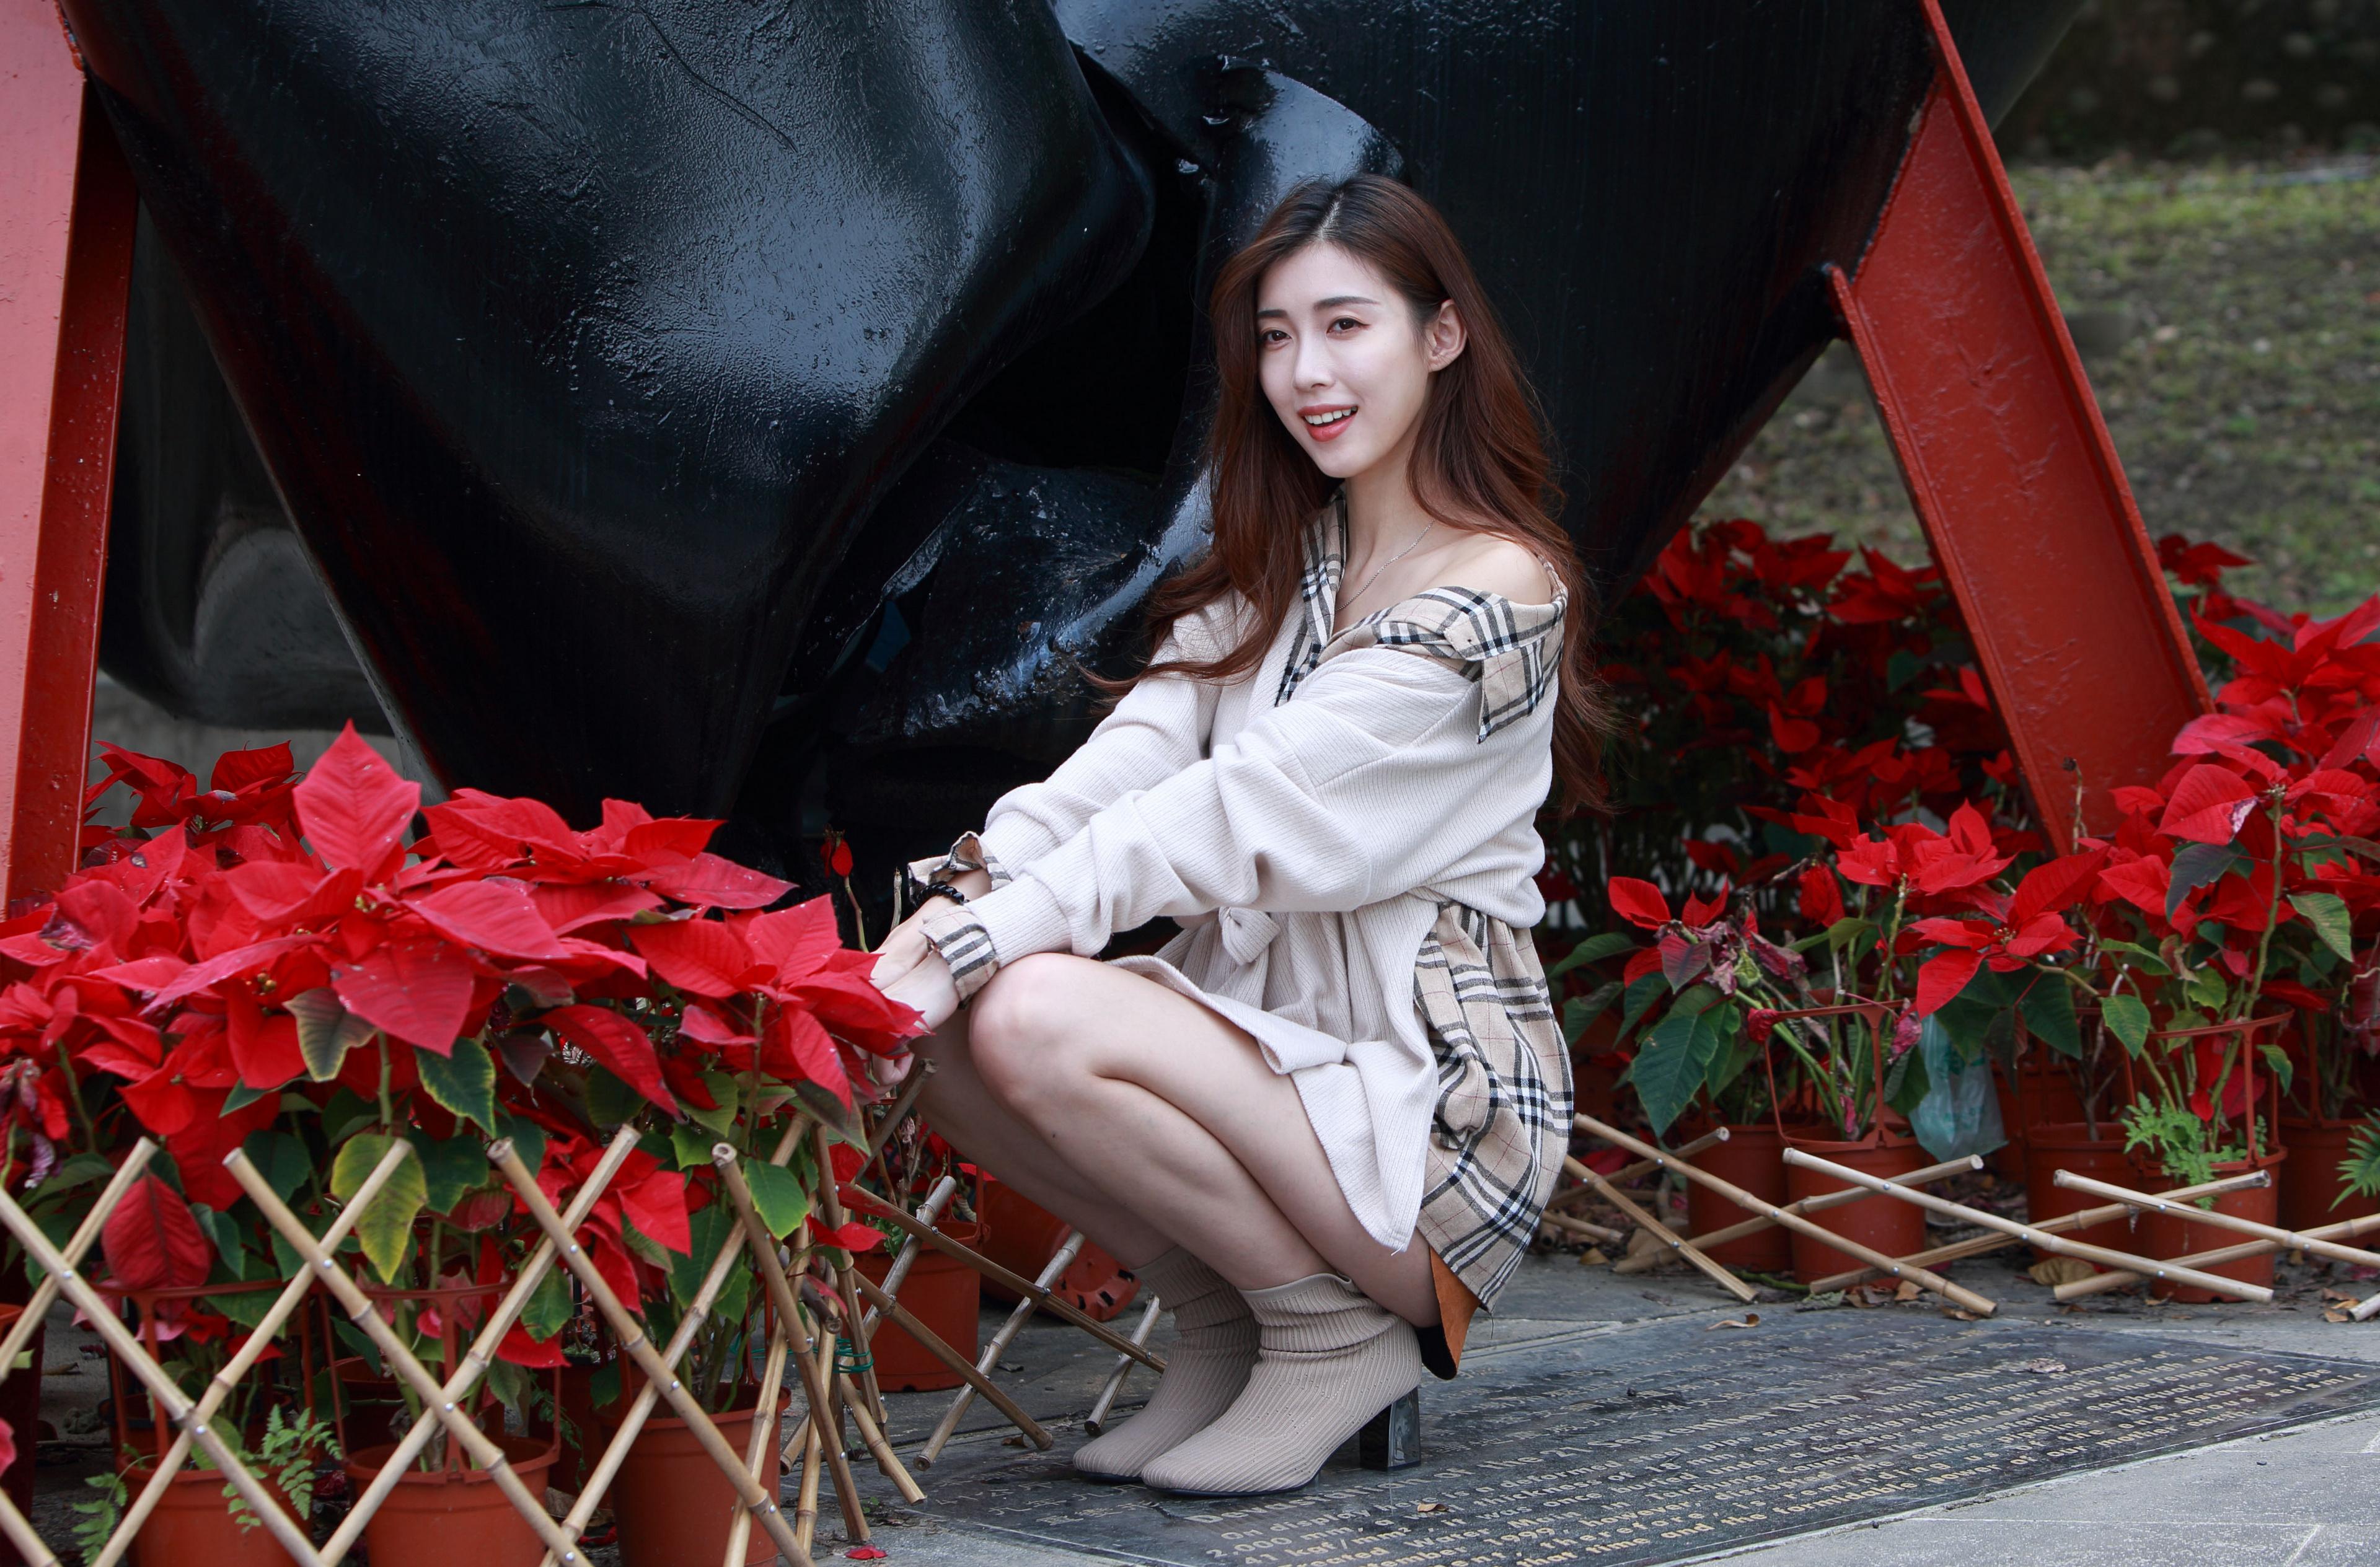 Фотография Шатенка Поза молодая женщина Азиаты сидя Взгляд 3840x2529 шатенки позирует девушка Девушки молодые женщины азиатки азиатка Сидит сидящие смотрит смотрят